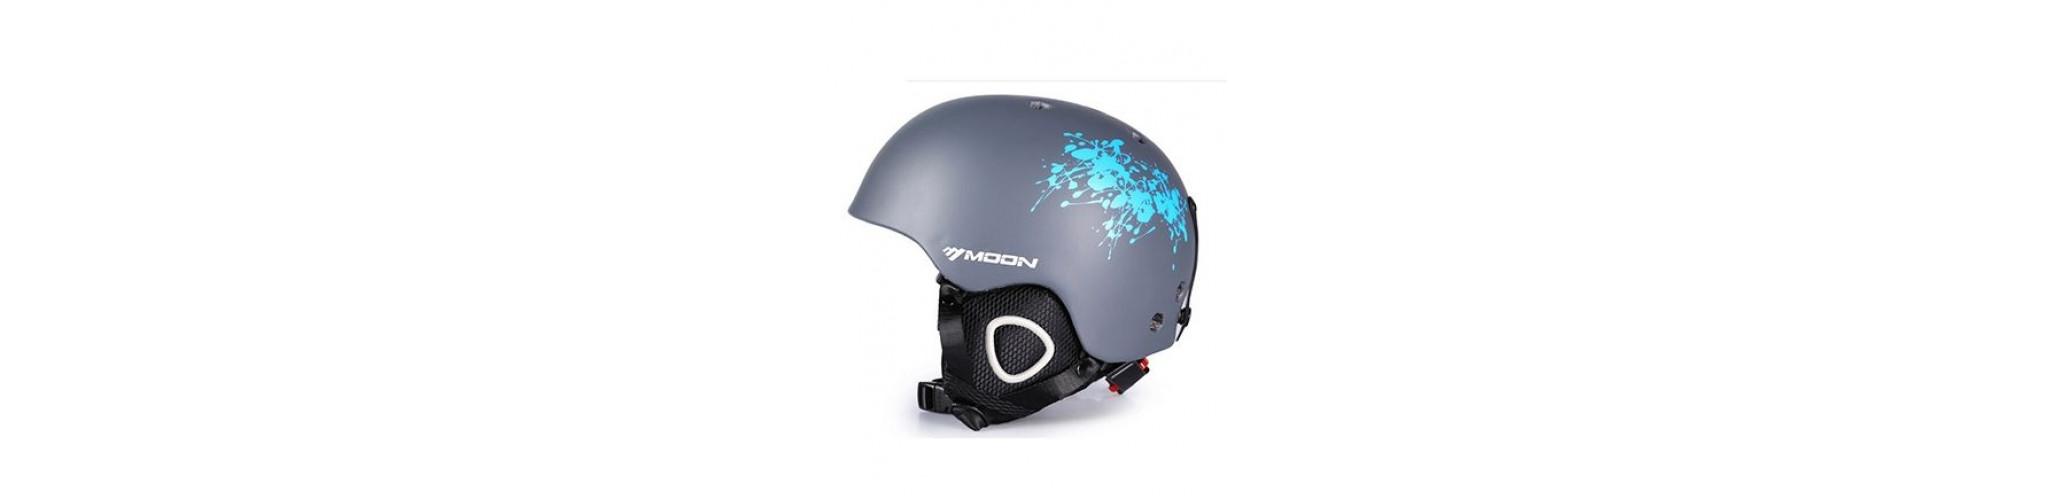 Надежные шлемы Copozz